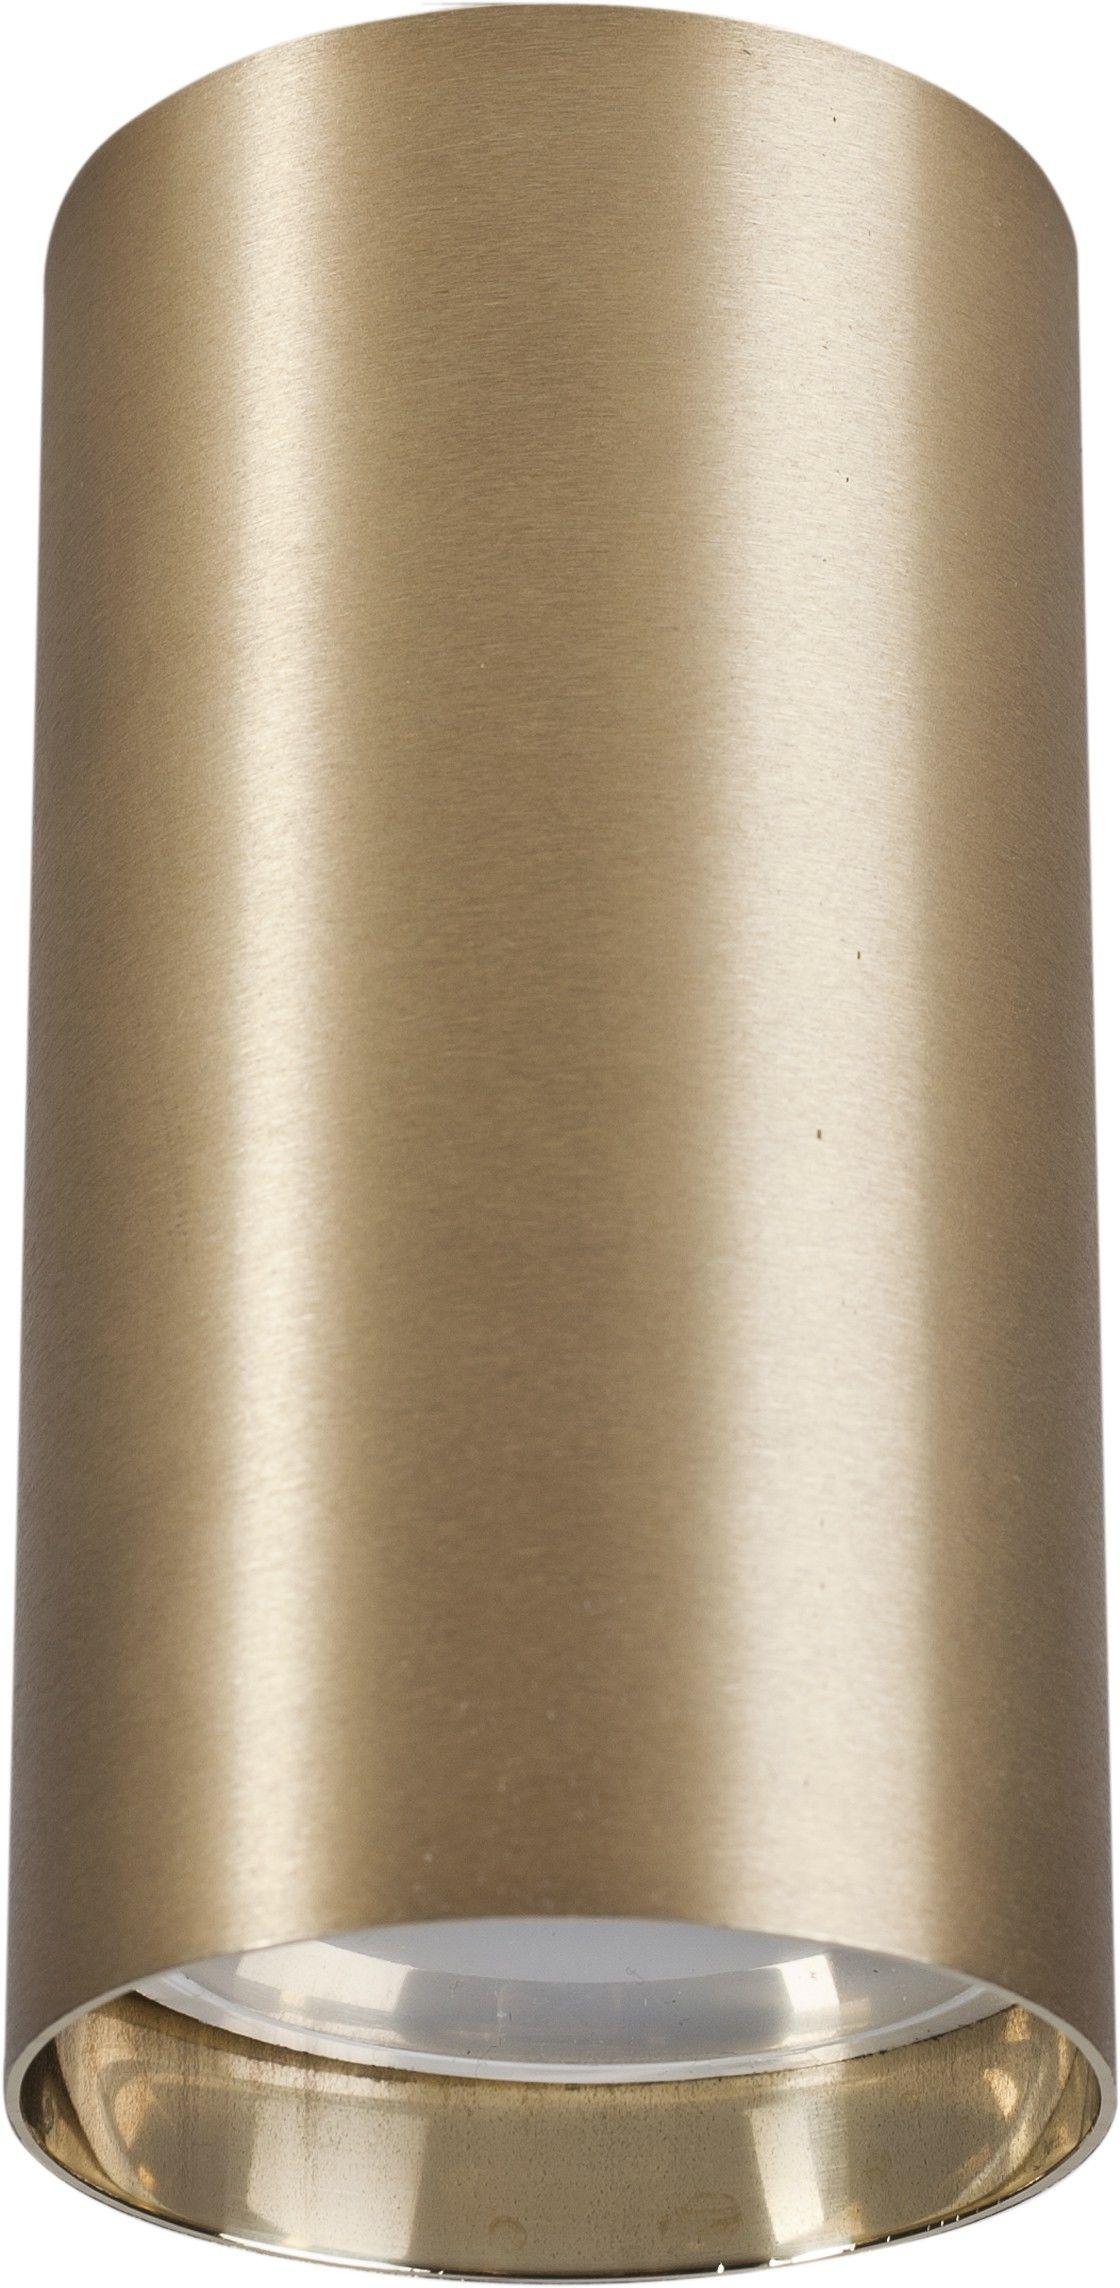 Tuba natynkowa nowoczesna Eye brass S mosiądz 8911 - Nowodvorski Do -17% rabatu w koszyku i darmowa dostawa od 299zł !